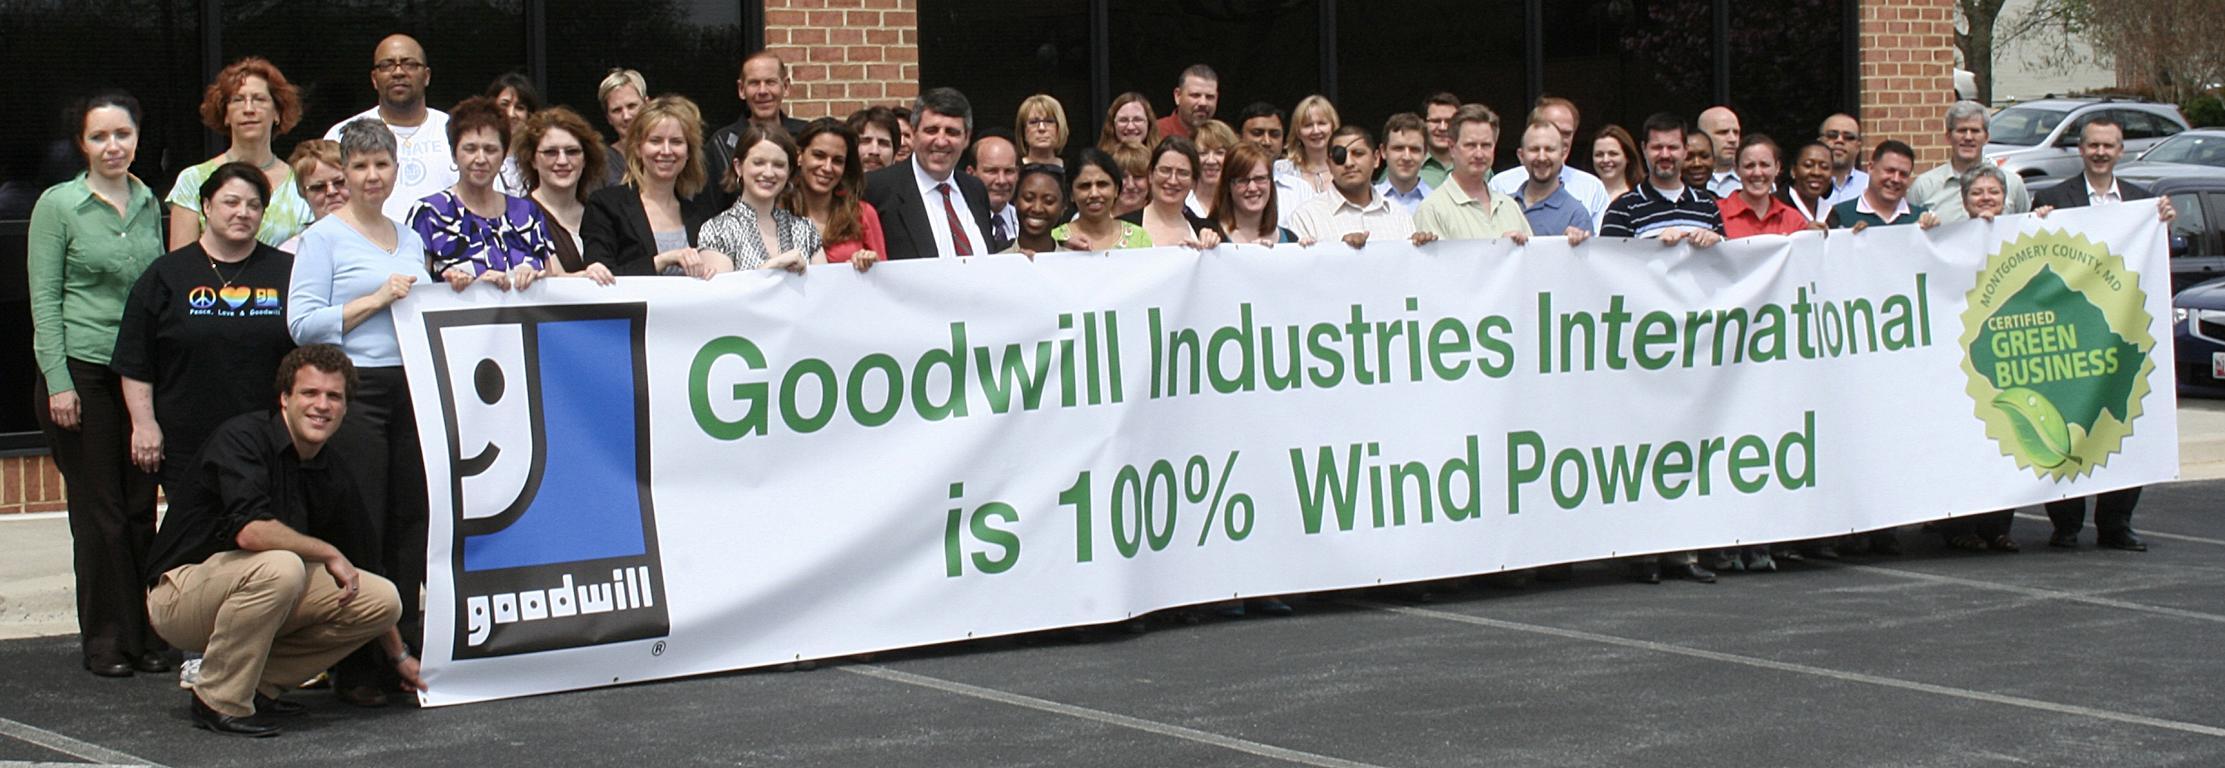 Goodwill-Banner